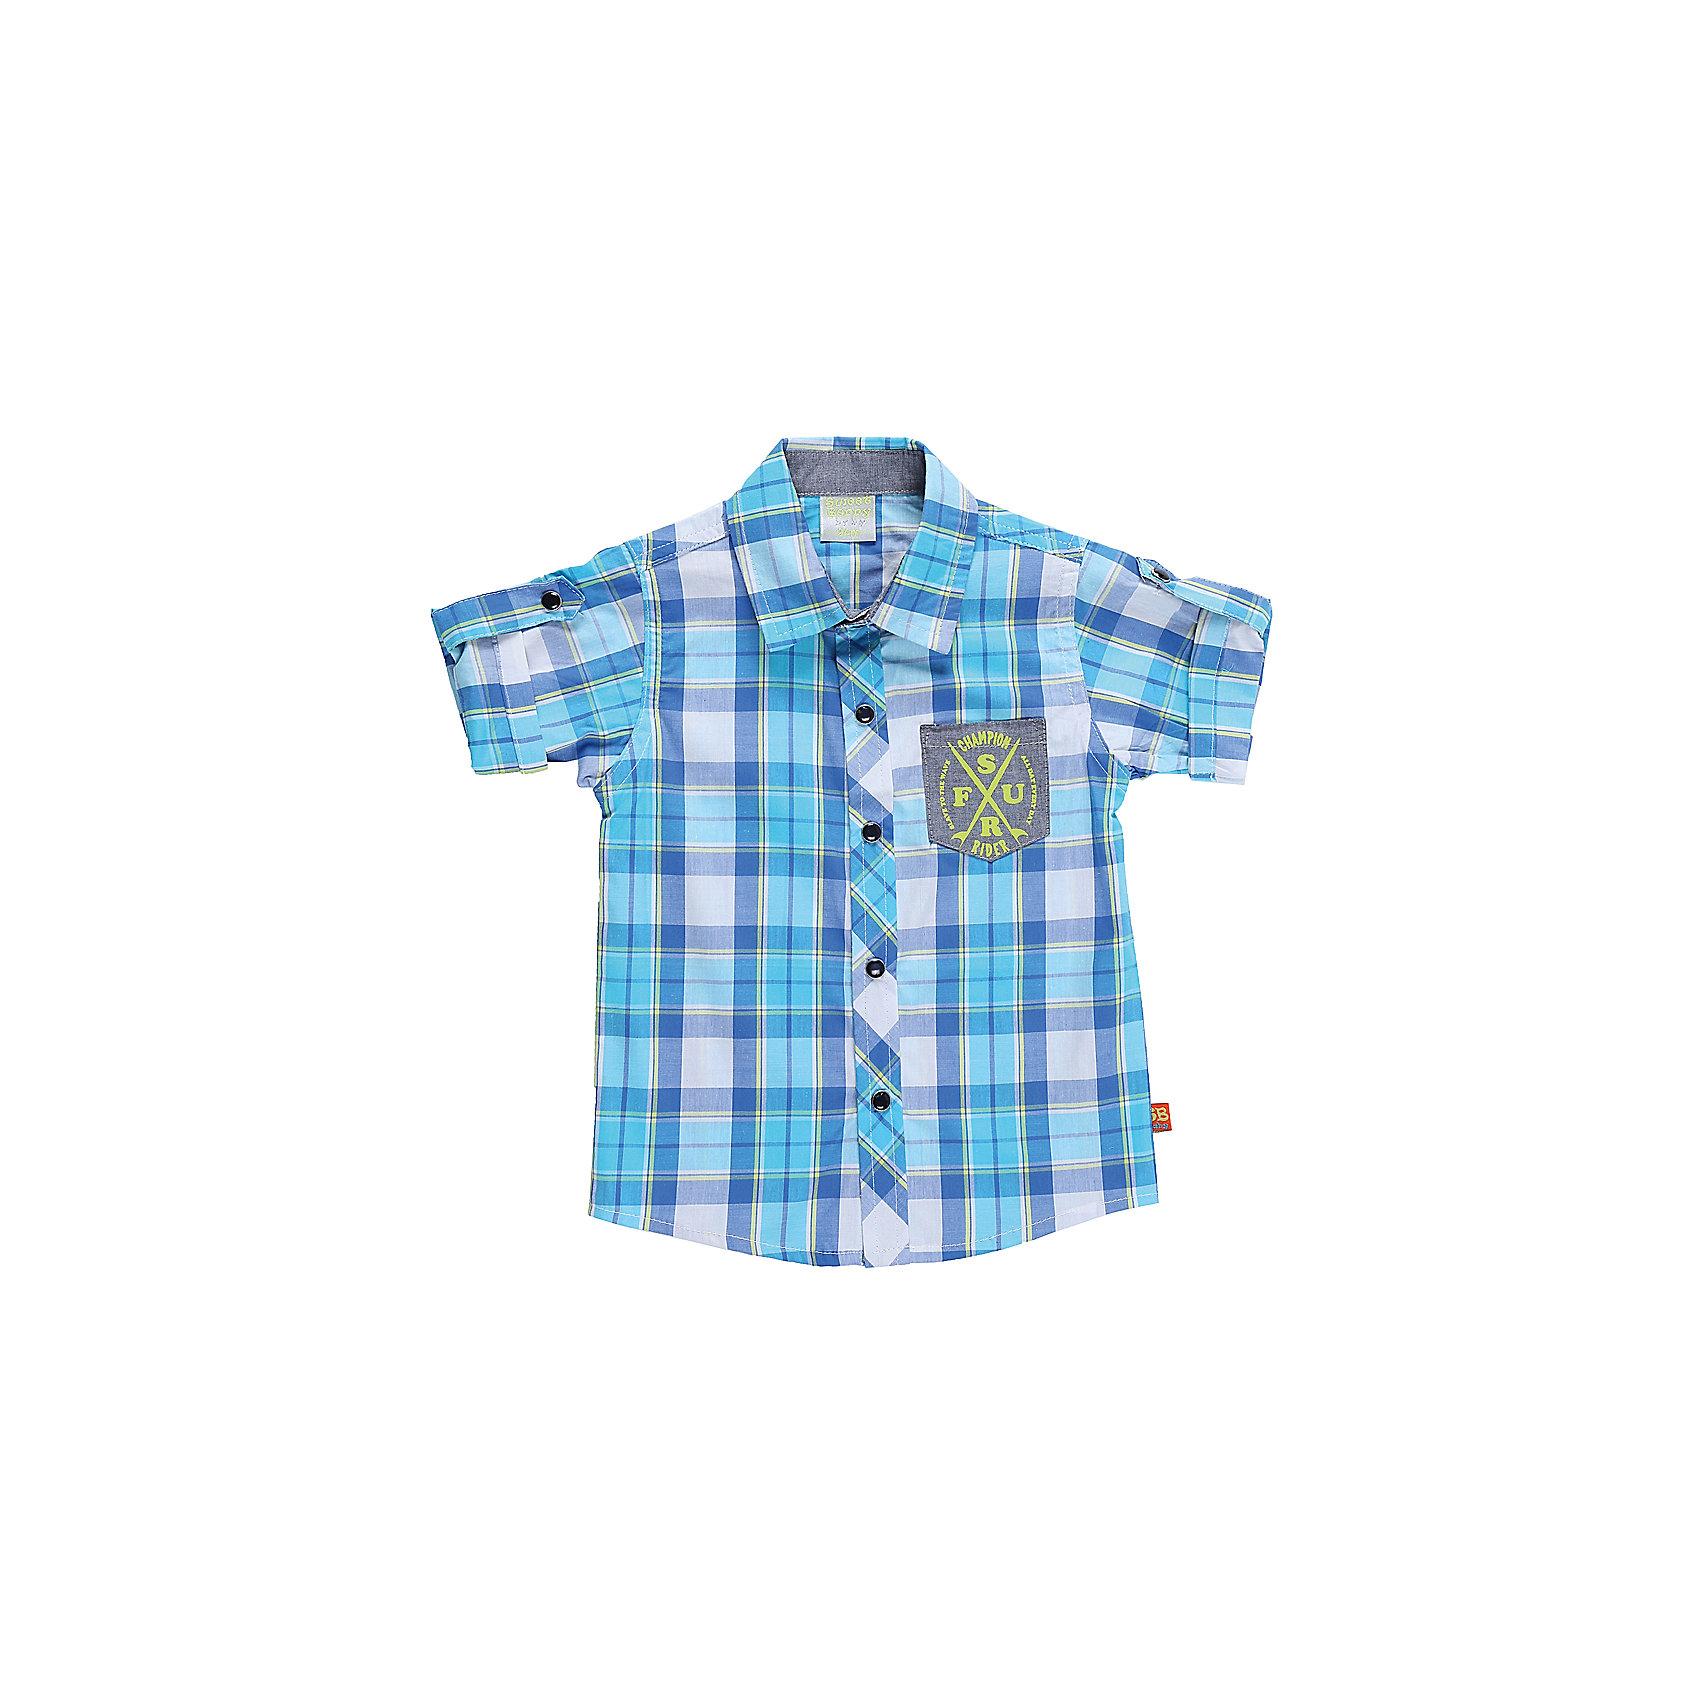 Рубашка для мальчика Sweet BerryБлузки и рубашки<br>Текстильная рубашка из хлопка в клетку для мальчика. Короткий рукав, накладной карман на левой полочке. Застегивается на кнопки. Отложной воротничок.<br>Состав:<br>100%хлопок<br><br>Ширина мм: 174<br>Глубина мм: 10<br>Высота мм: 169<br>Вес г: 157<br>Цвет: зеленый<br>Возраст от месяцев: 24<br>Возраст до месяцев: 36<br>Пол: Мужской<br>Возраст: Детский<br>Размер: 98,92,80,86<br>SKU: 5411586